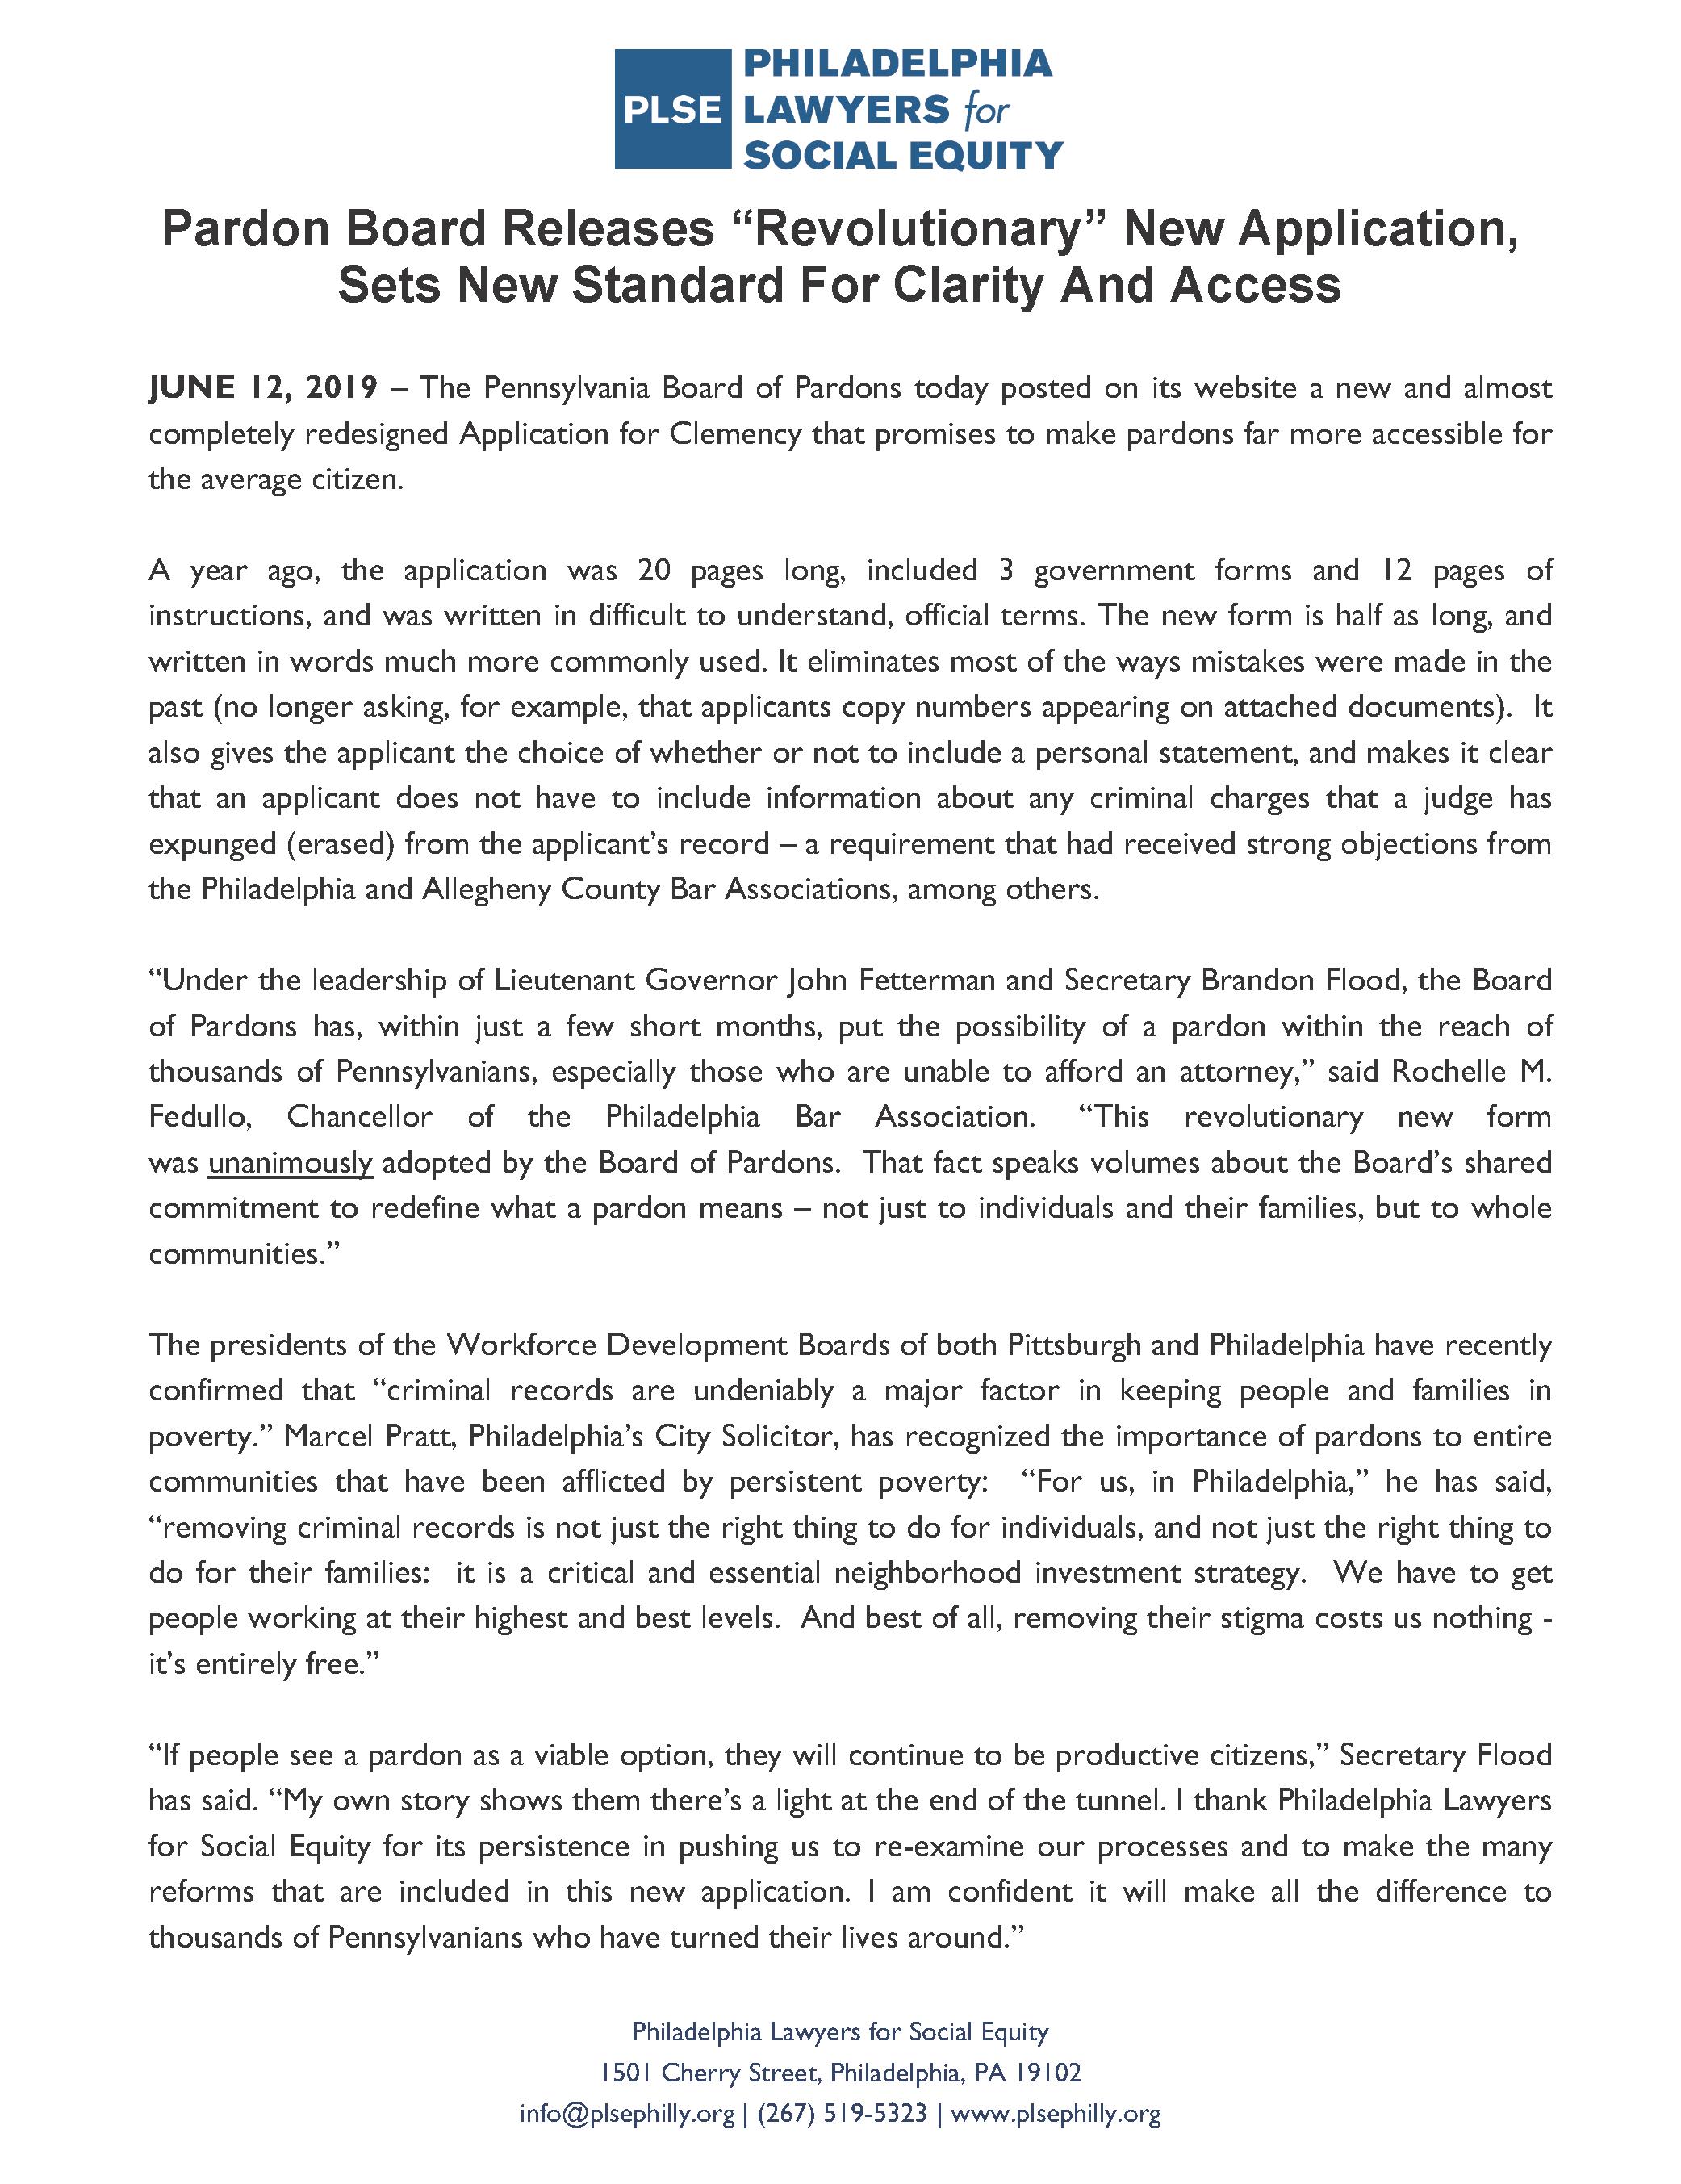 PLSE press release 06/12/2019